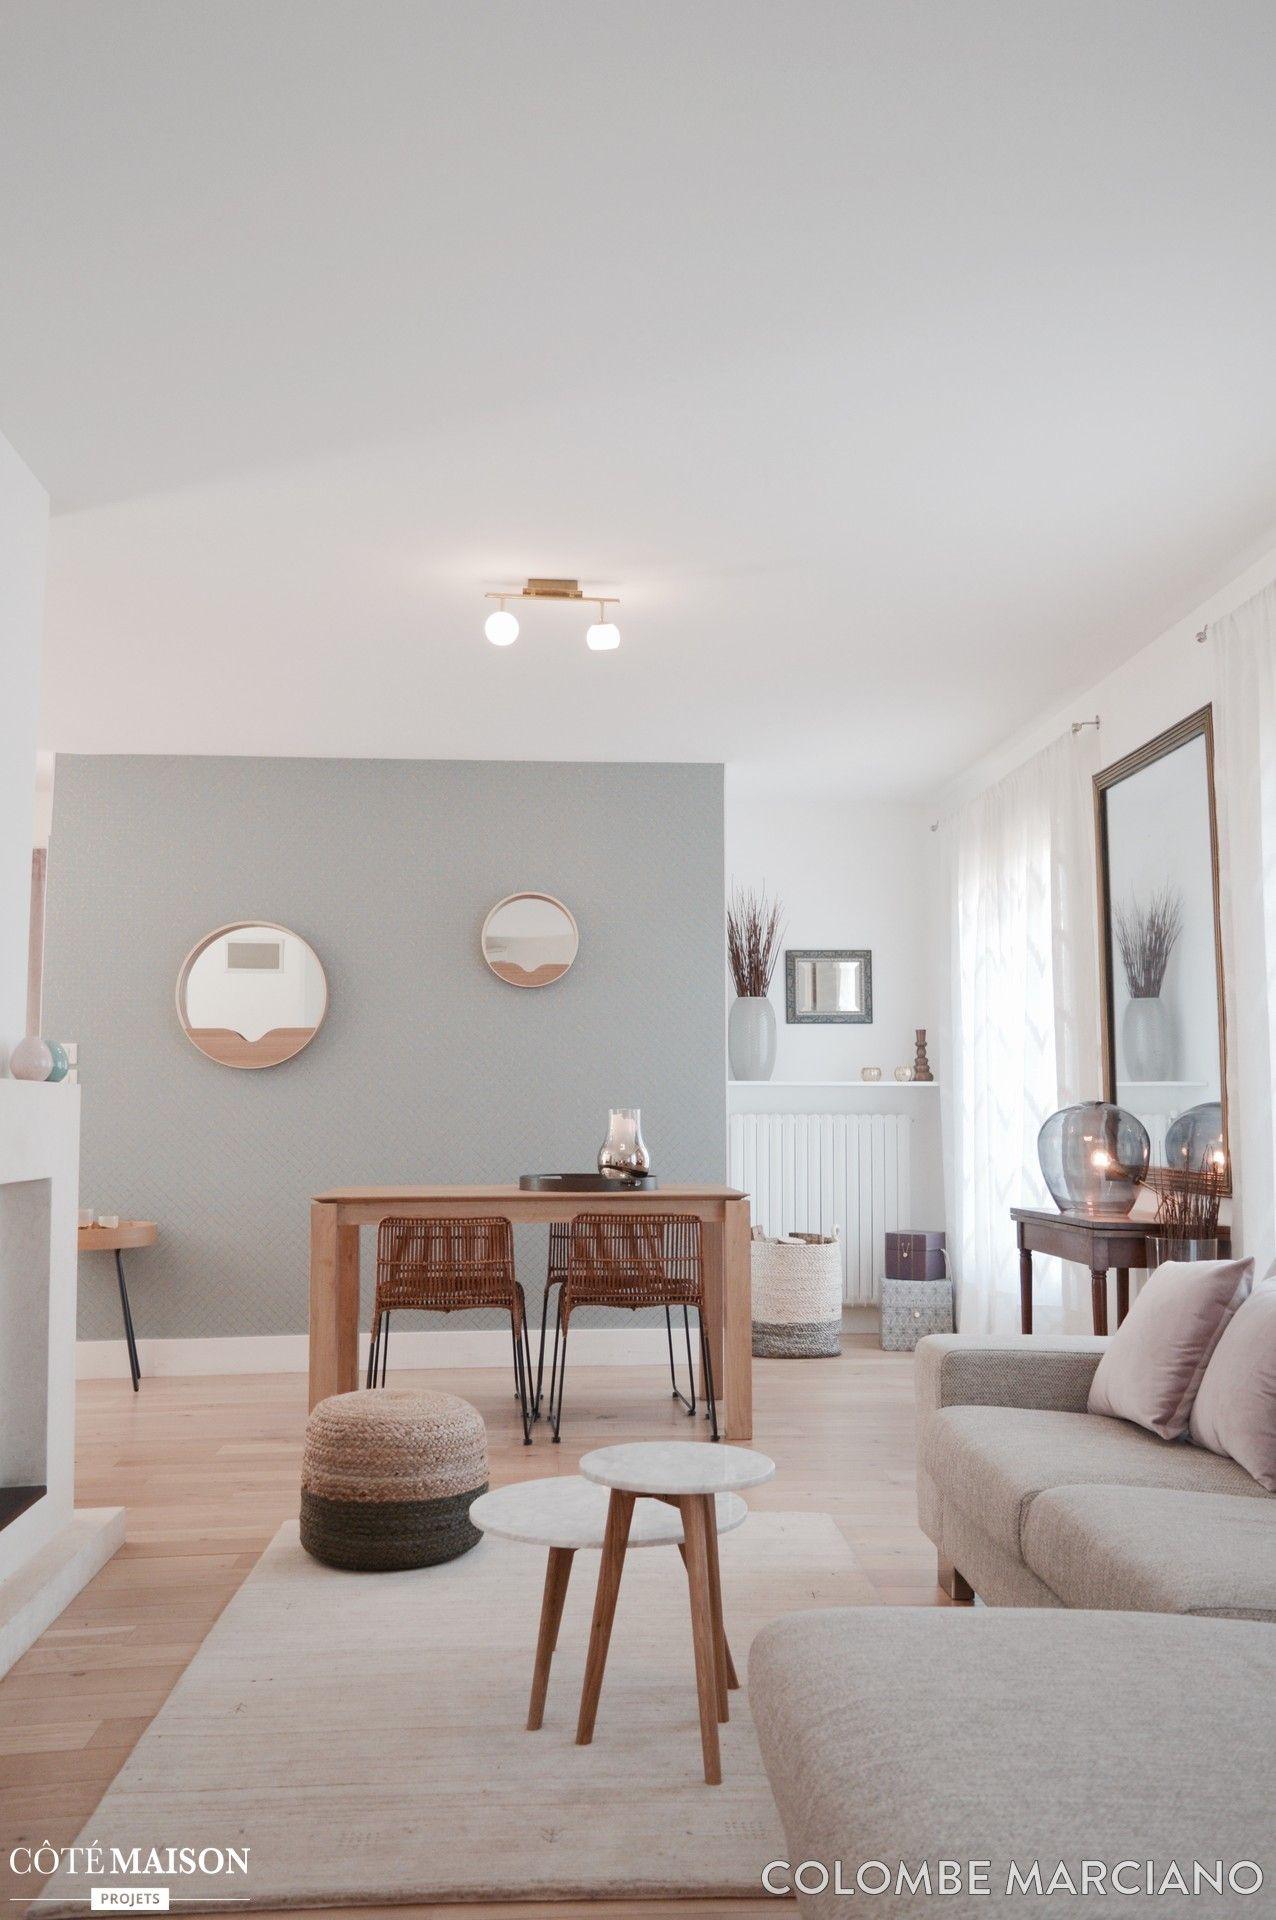 alliance r ussie pour le mariage de l 39 ancien et du contemporain l 39 espace salle manger est. Black Bedroom Furniture Sets. Home Design Ideas